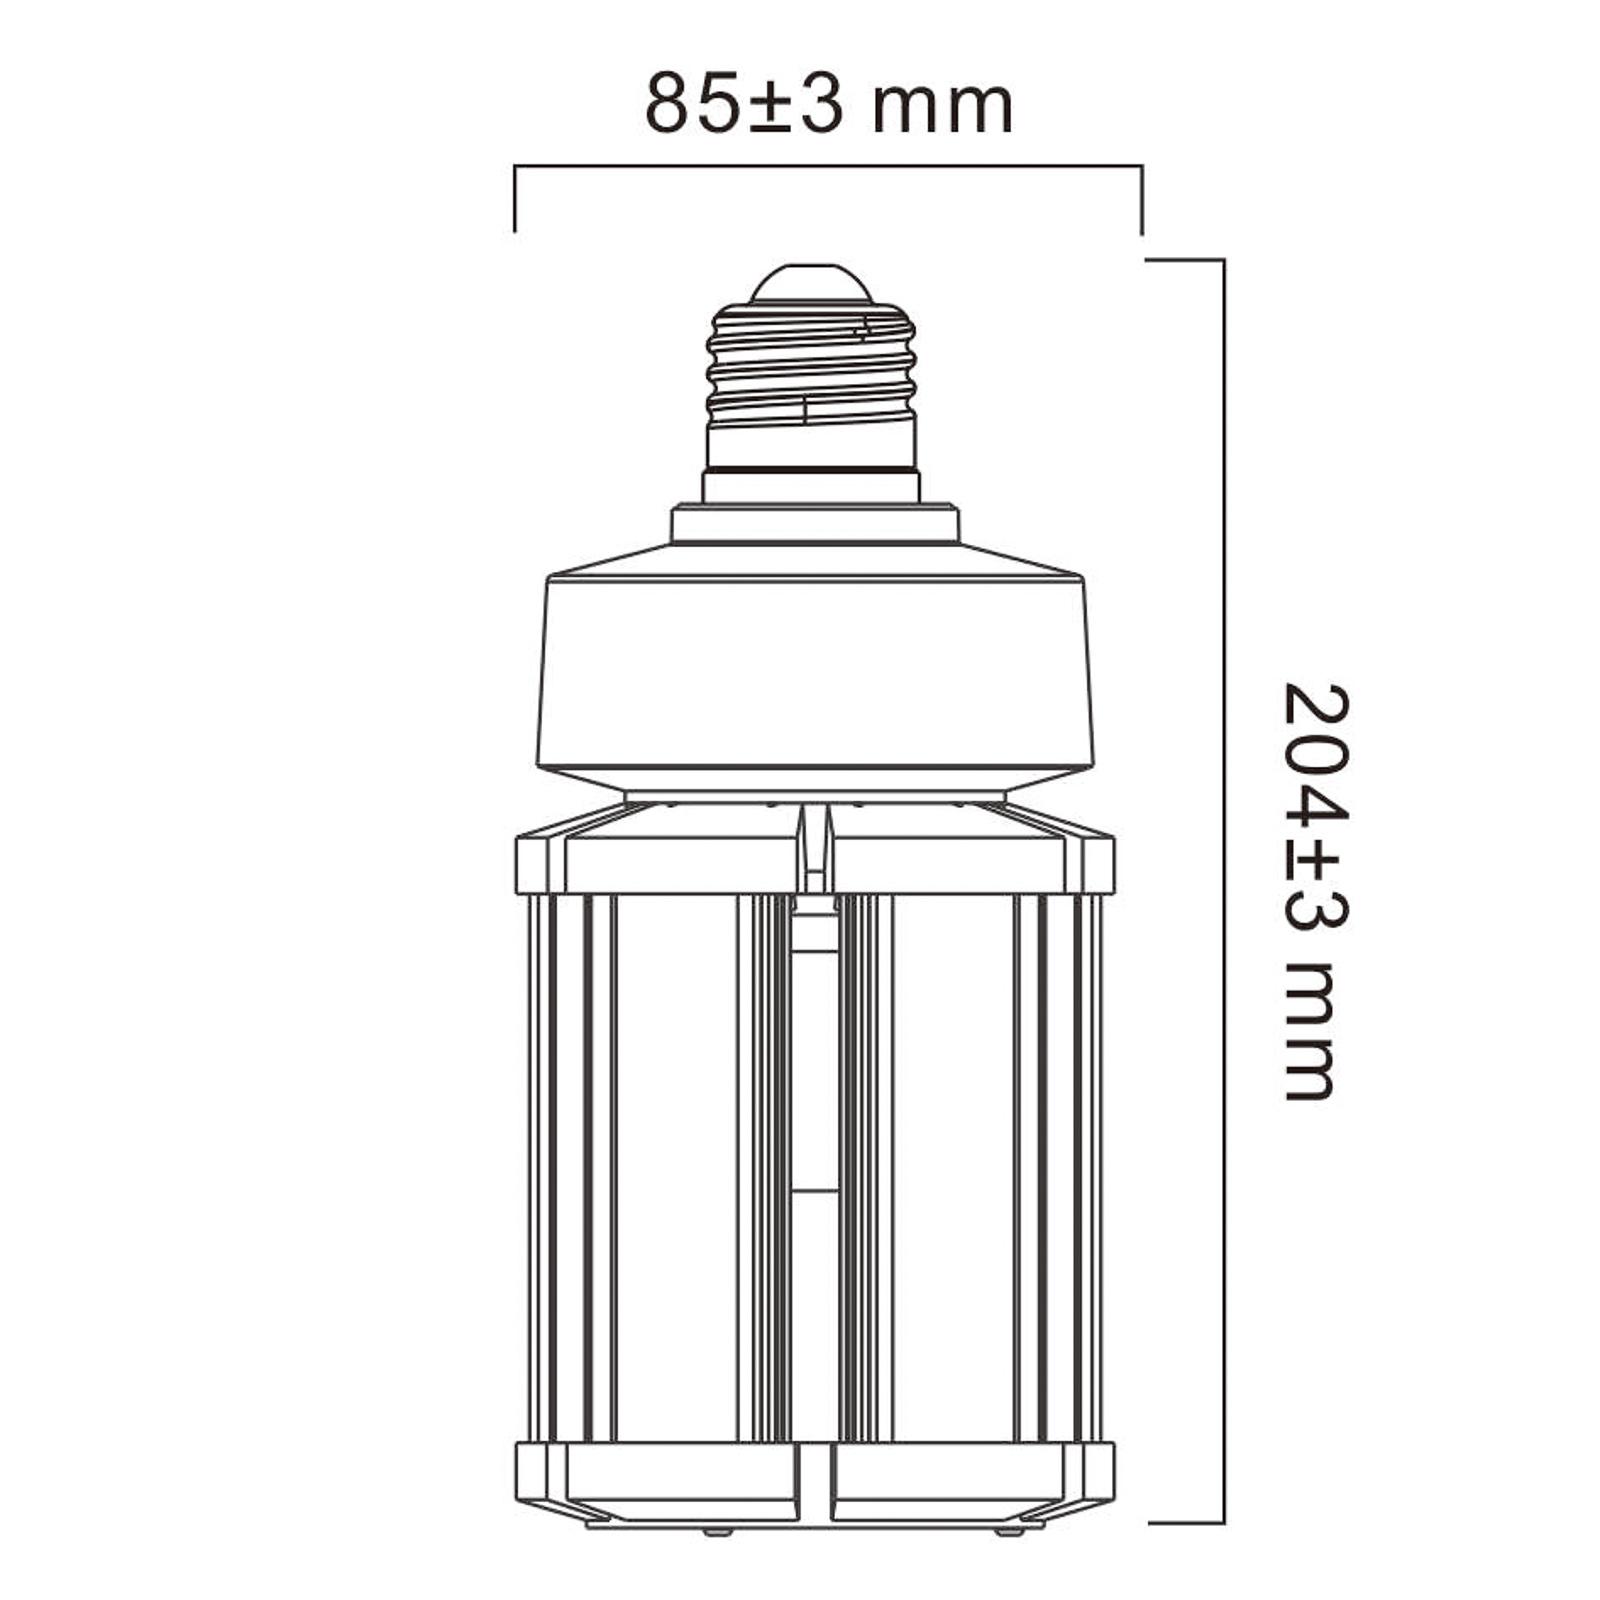 Sylvania-LED-lamppu E27, 36W, 4 000 K, 4 500 lm